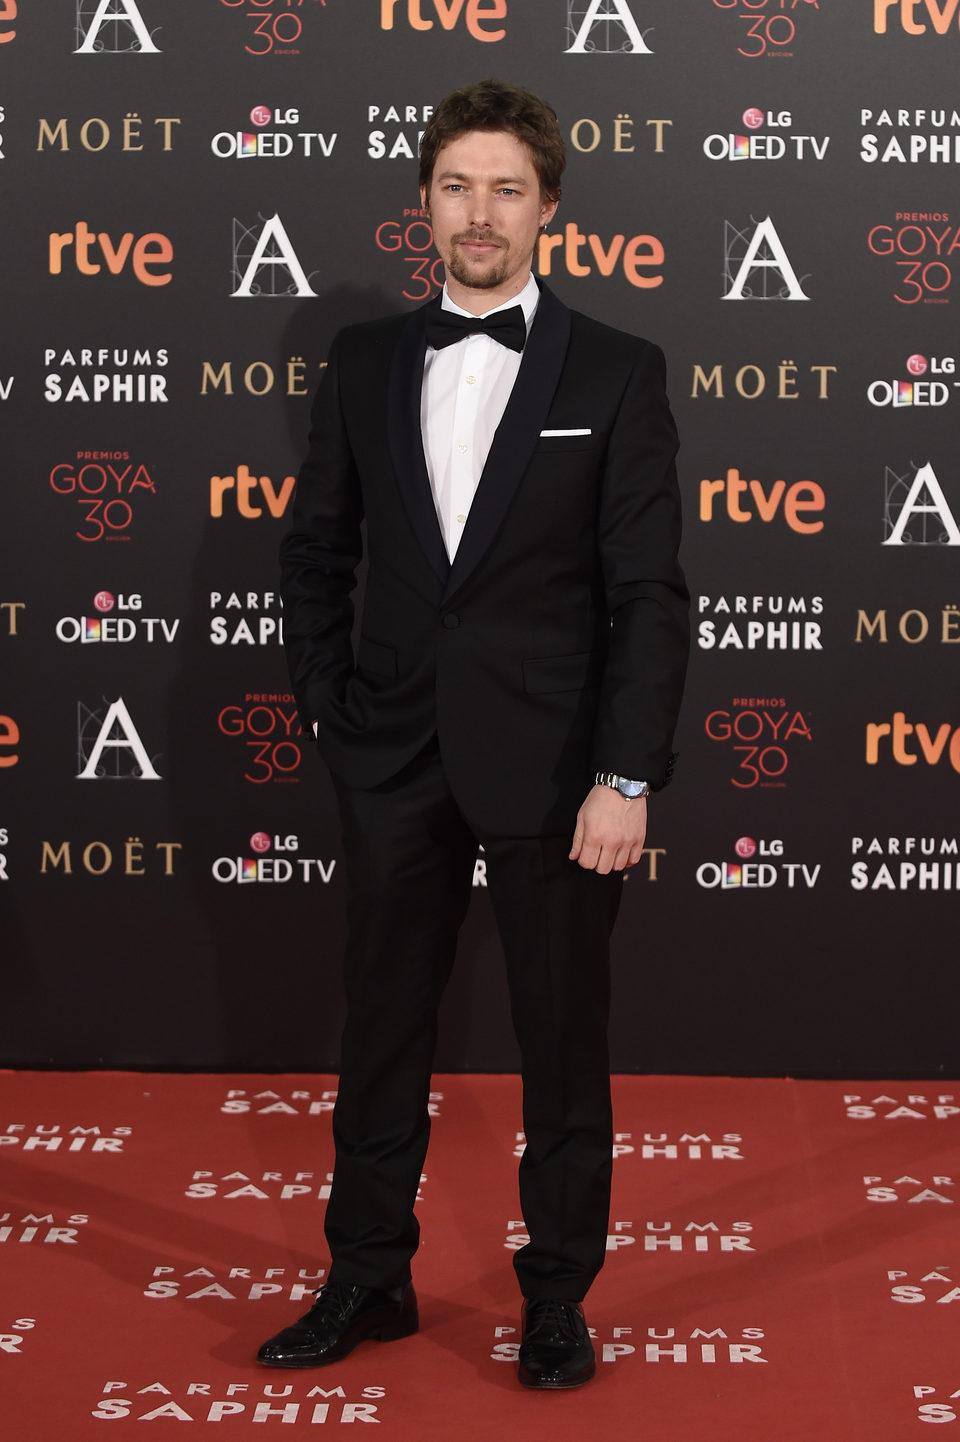 Jan Cornet en la alfombra roja de los Premios Goya 2016